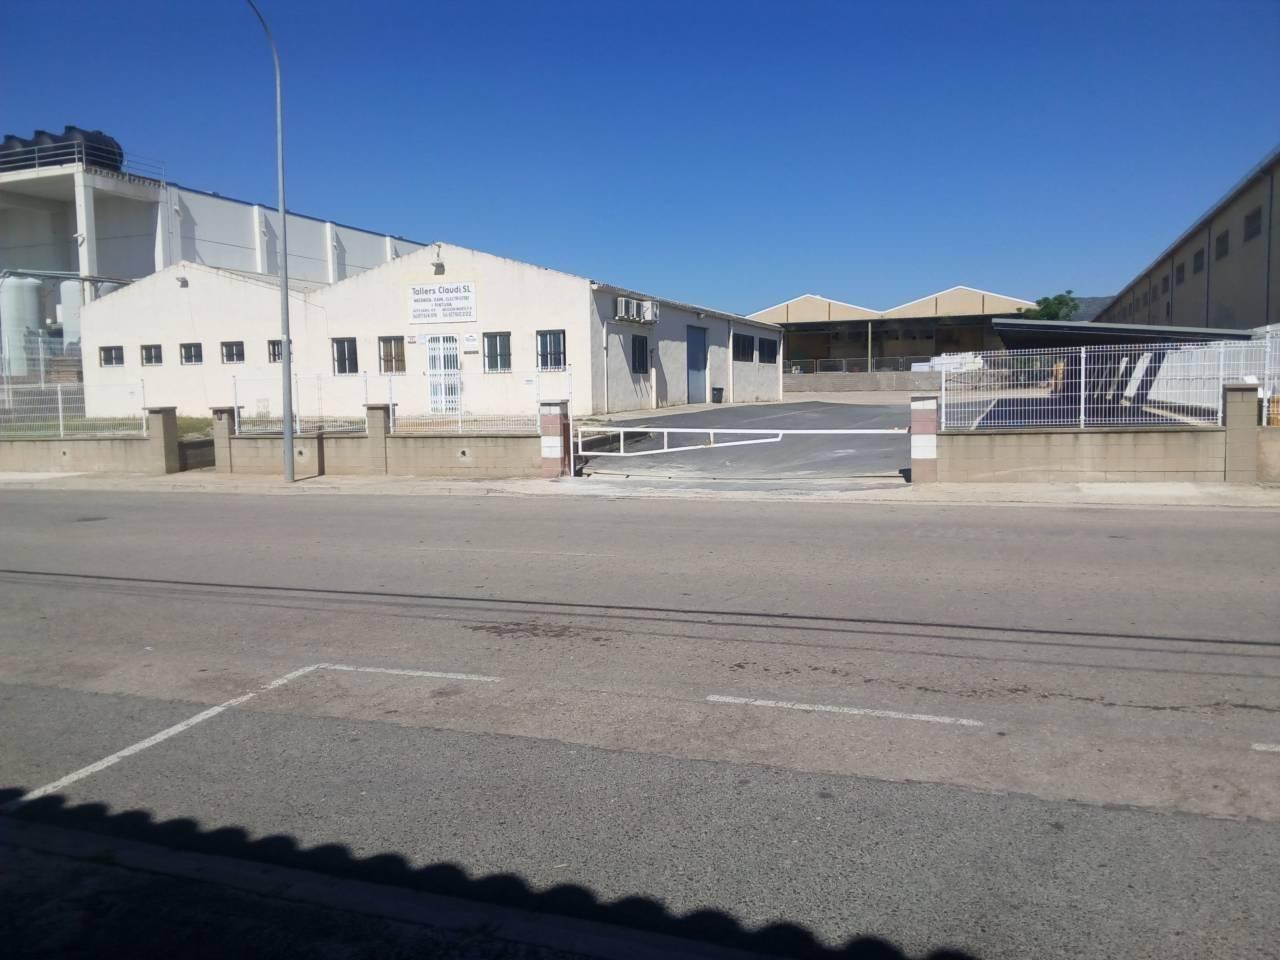 Capannone industriale  Calle artesans. 3.216 m2 de terreno, 500 m2 de nave de los cuales 400 m2 son de